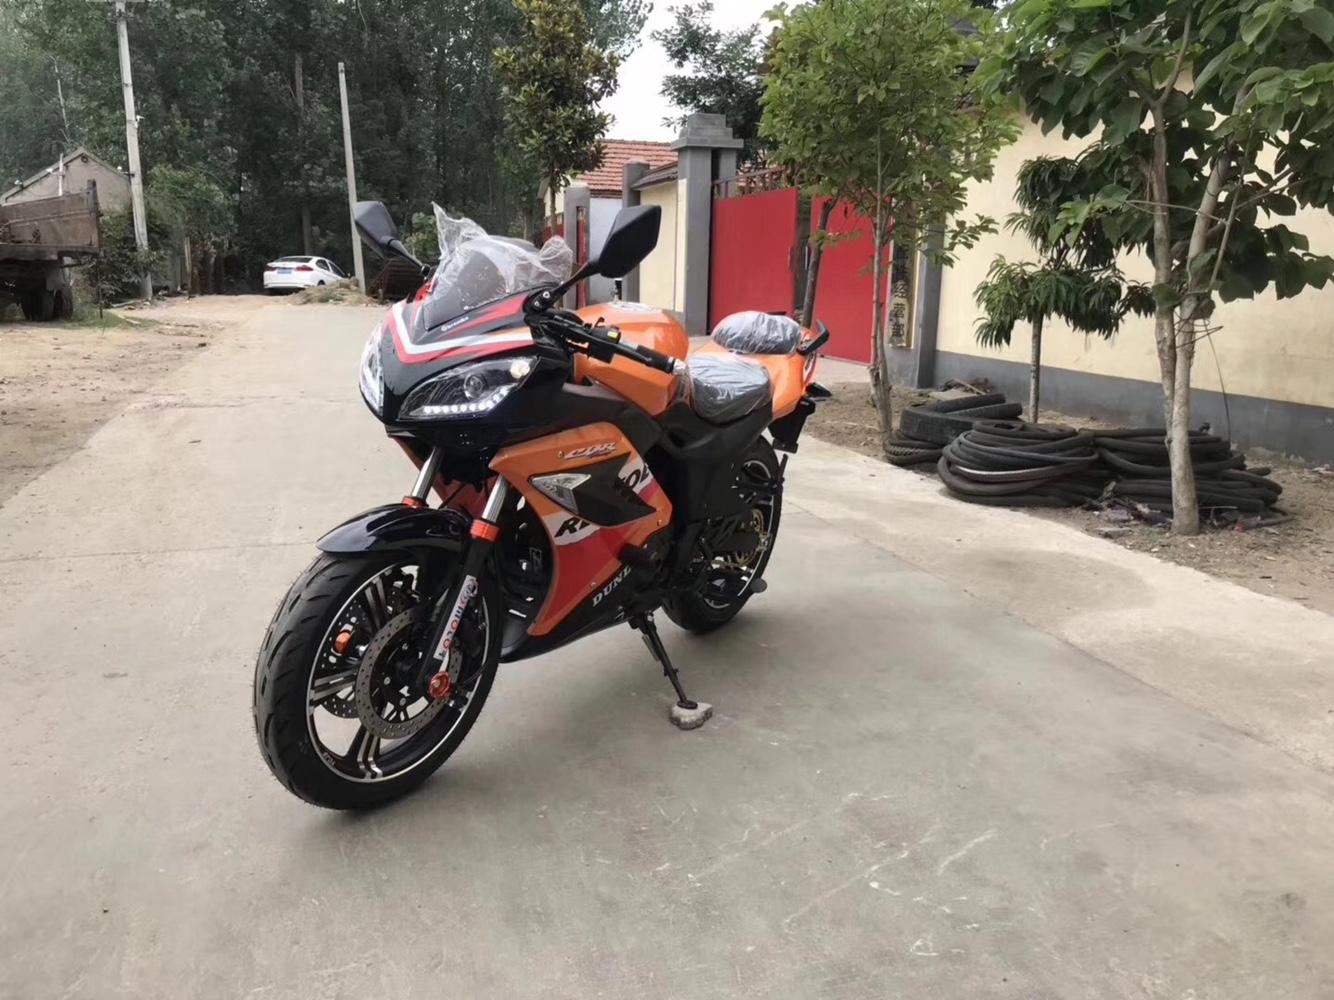 全新本田CBR版花运动版GT250跑车原装可上牌摩托车街车趴赛公路赛